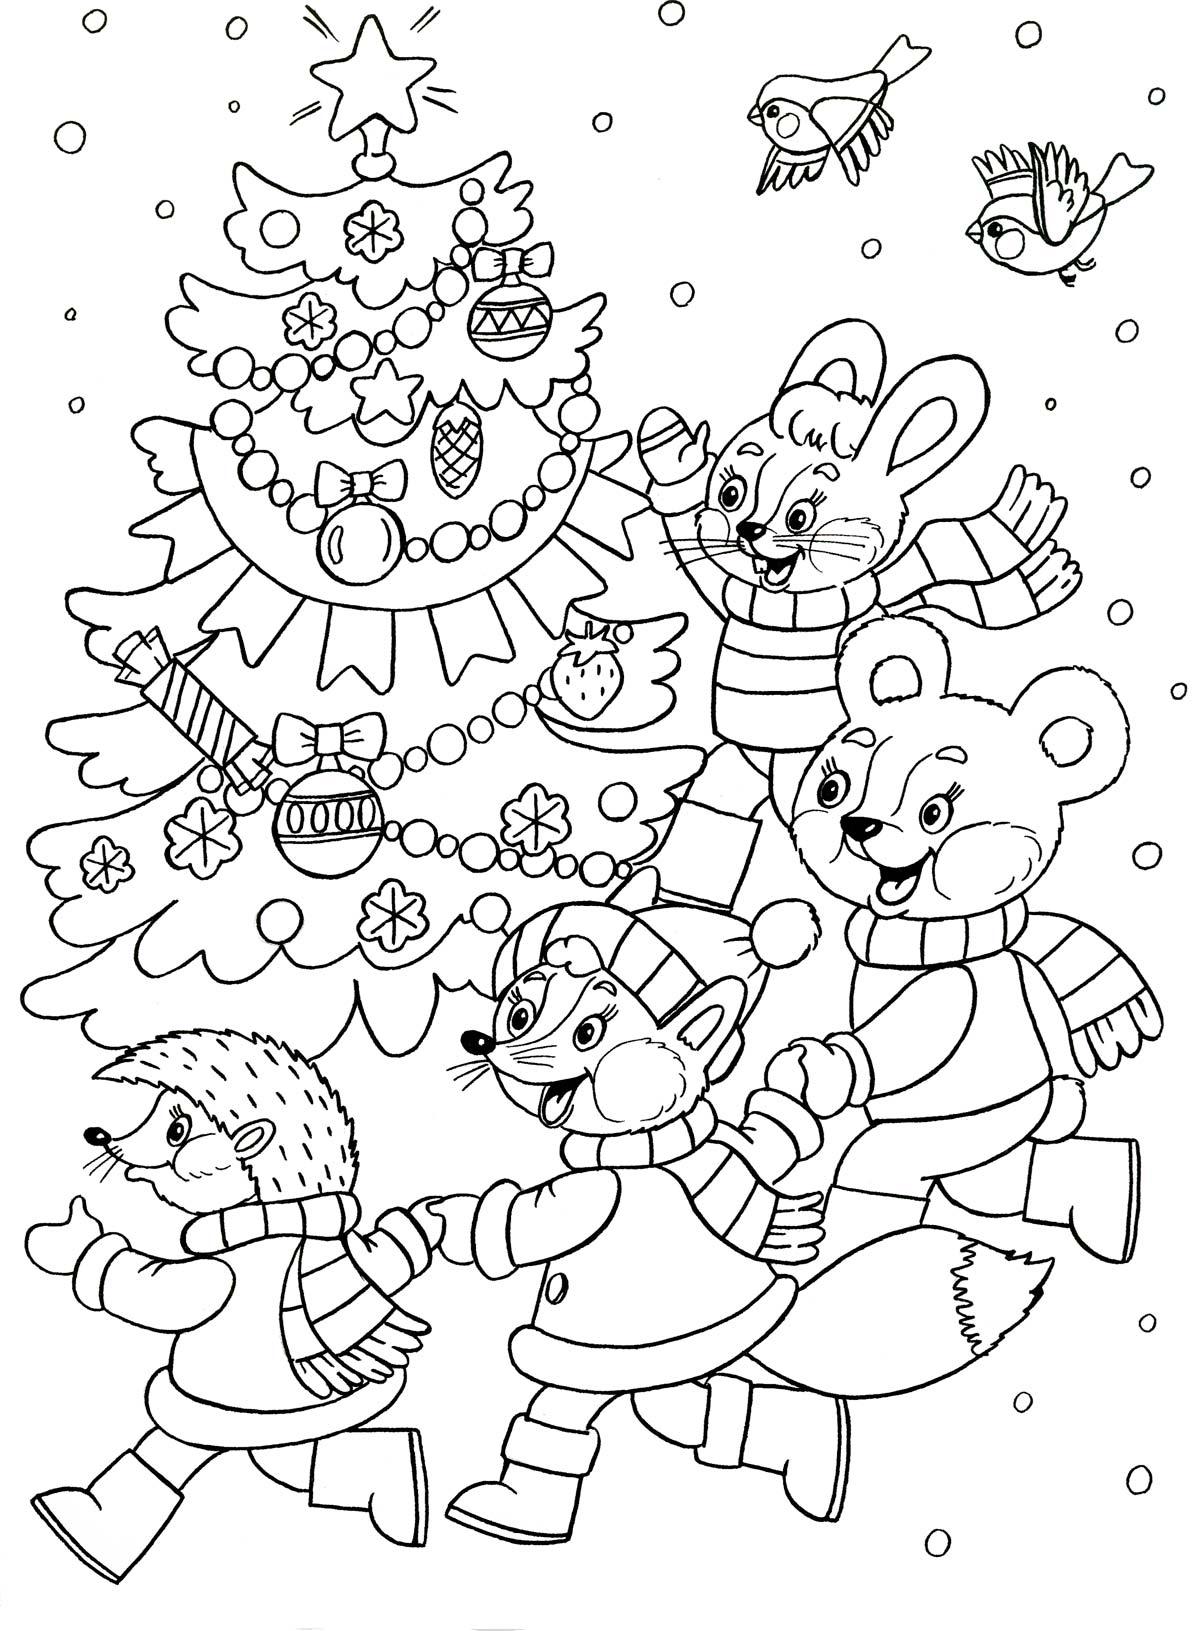 Из мультиков, животные ведут хоровод вокгруг елки Раскраска зима